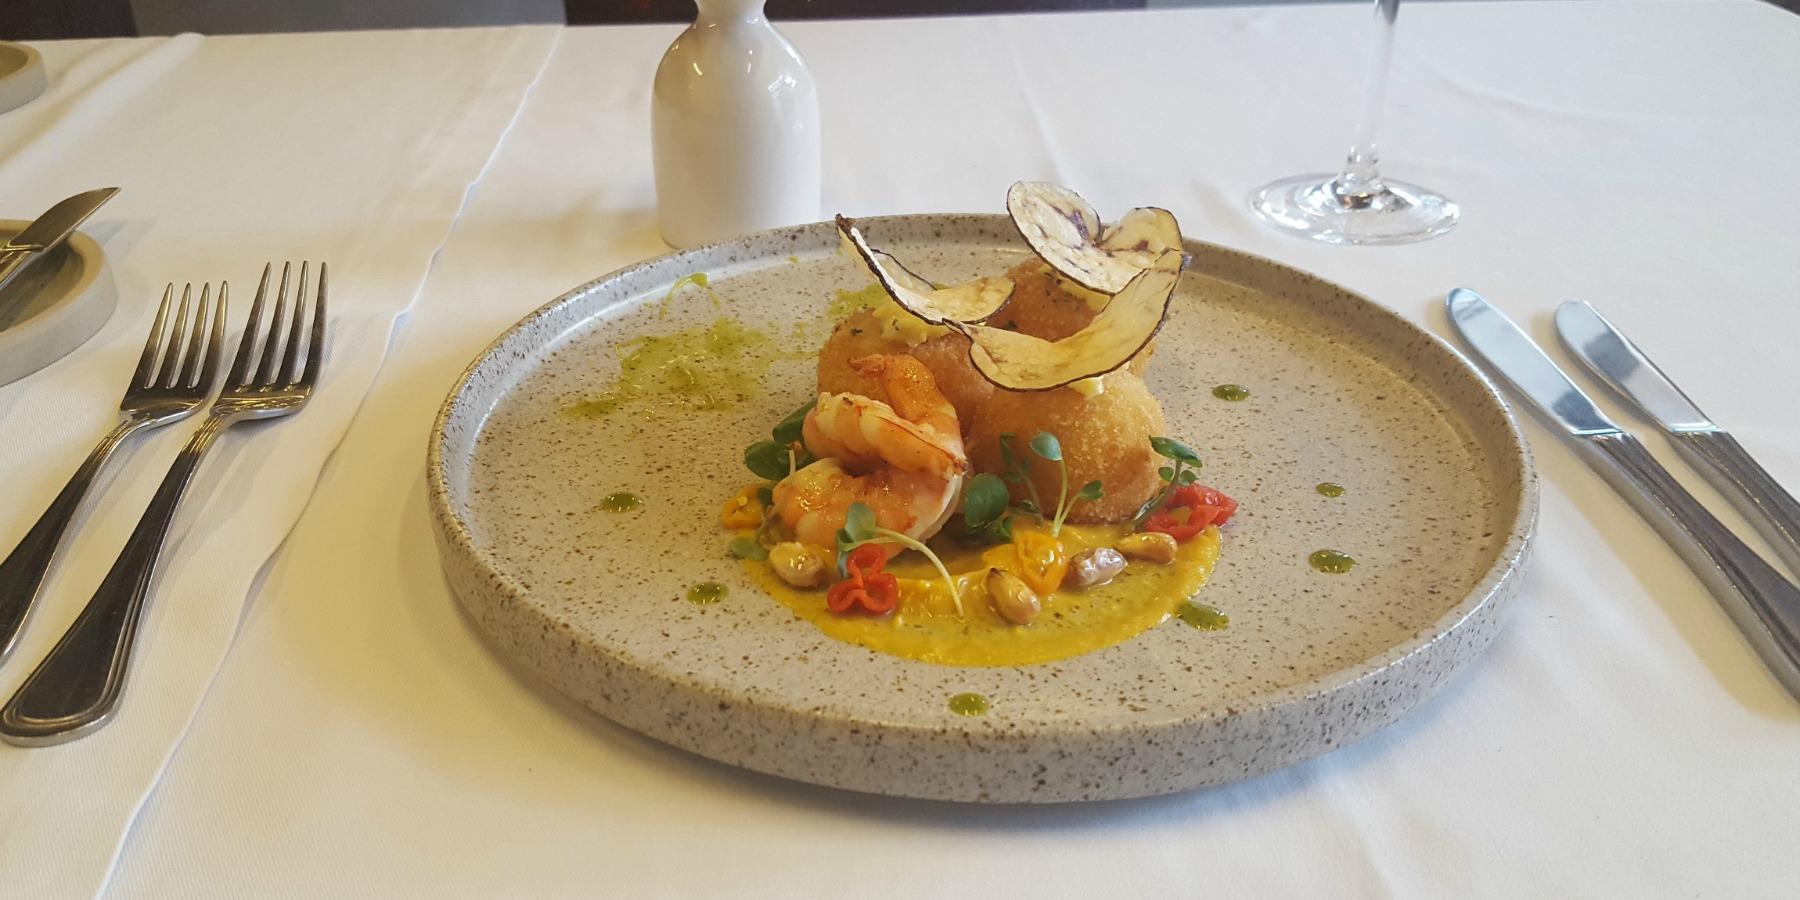 Wallqa Restaurante estrena fresca carta de verano con tradicionales platos de la cocina peruana